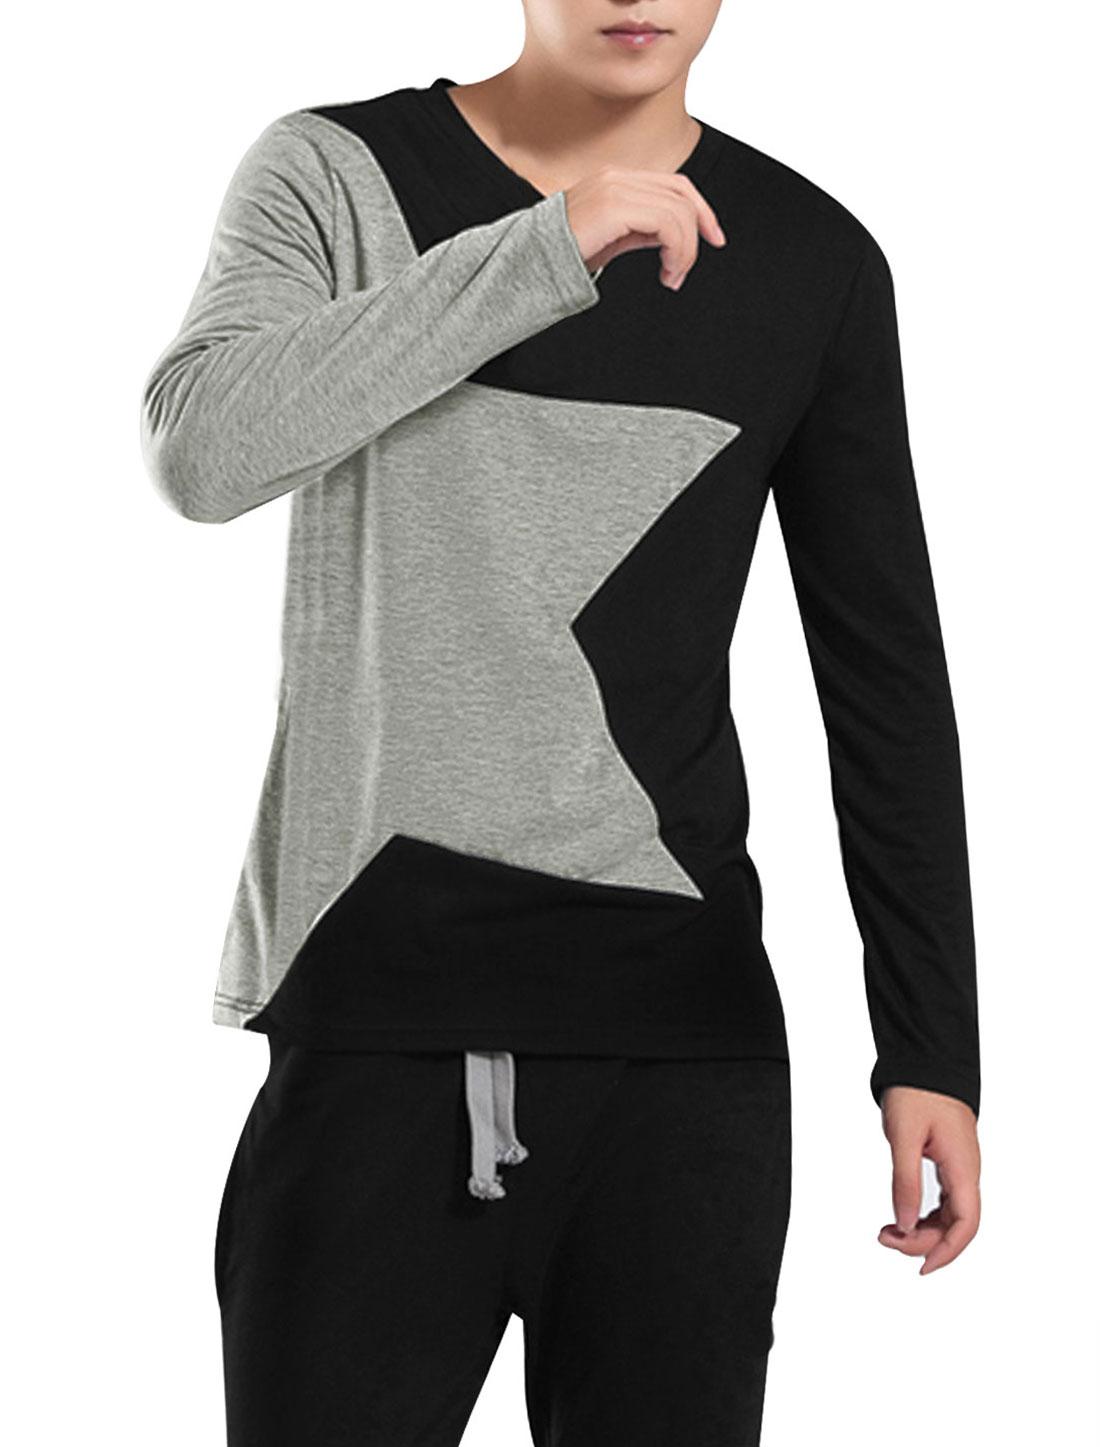 Autumn Slim Long Sleeve Two-Tone Shirt for Men Black Light Gray S